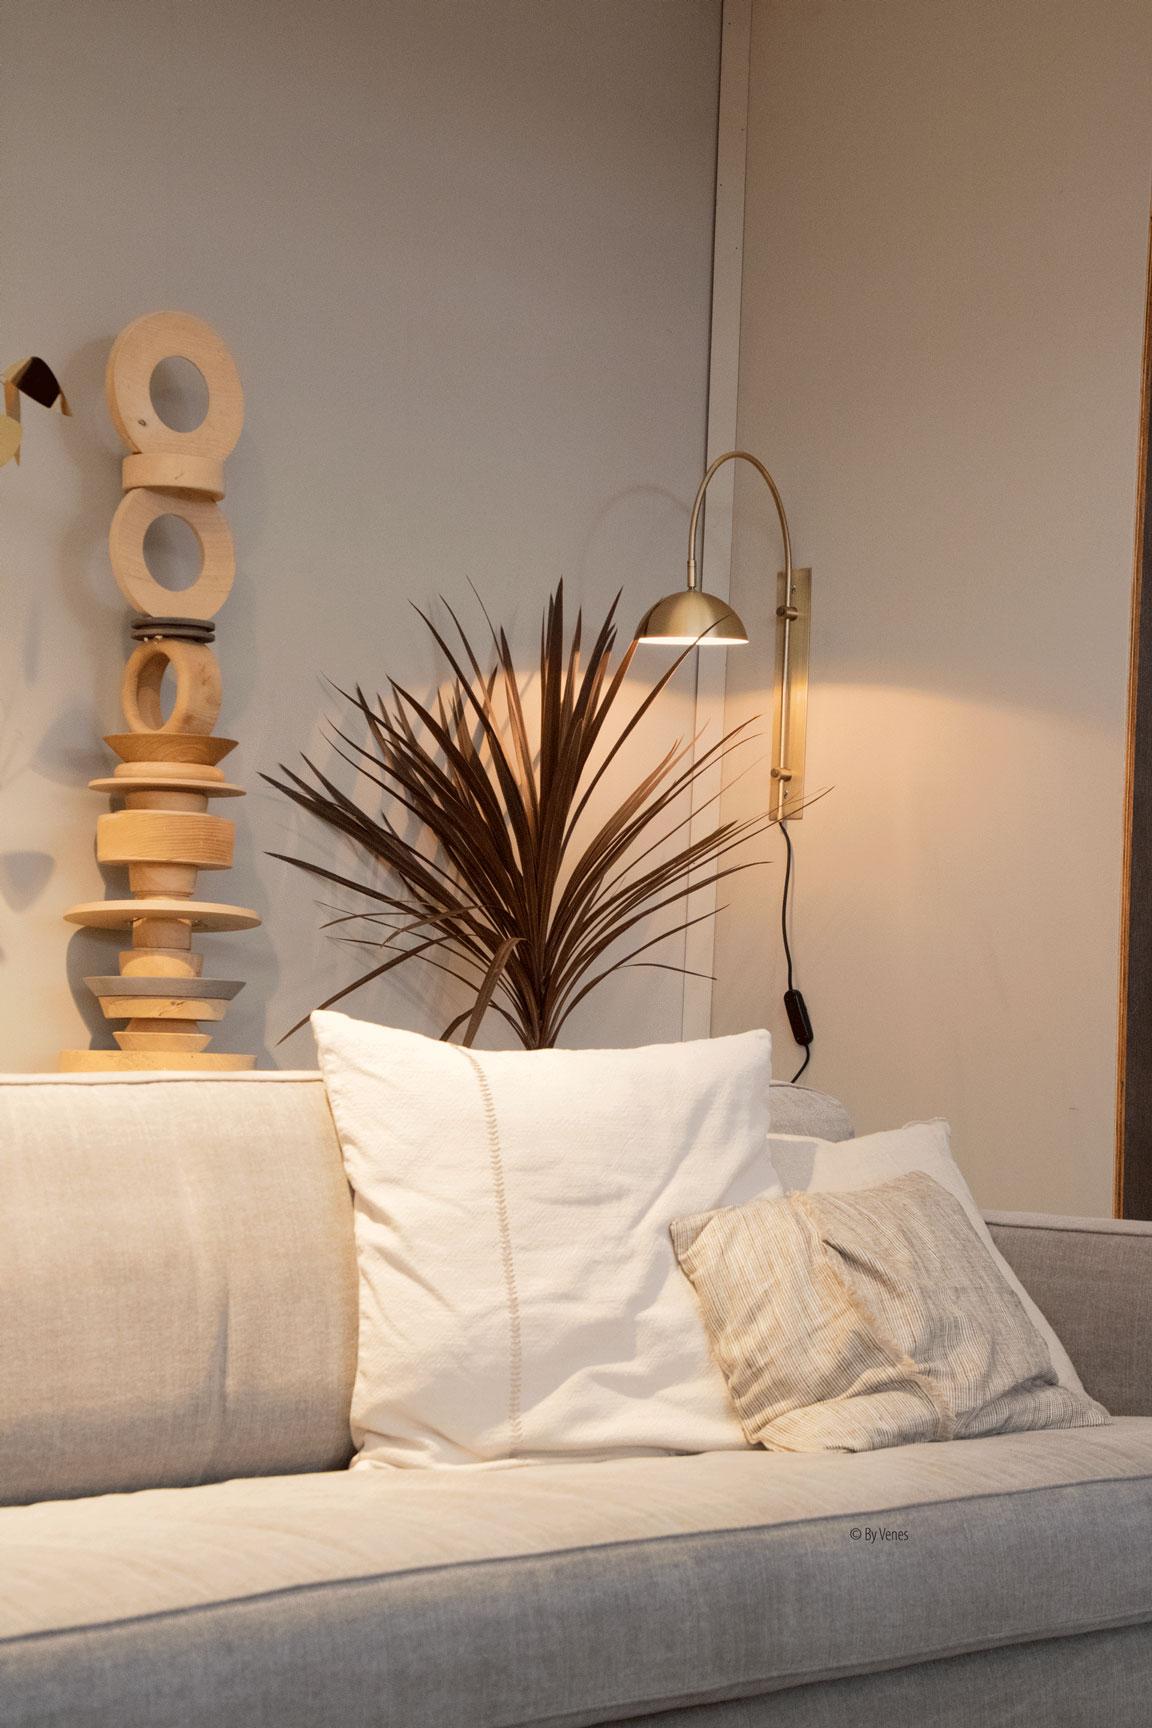 Creëer een persoonlijke sfeer in je interieur. Wandlamp messing VTWonen Ruben vd Scheer kunstwerk hout